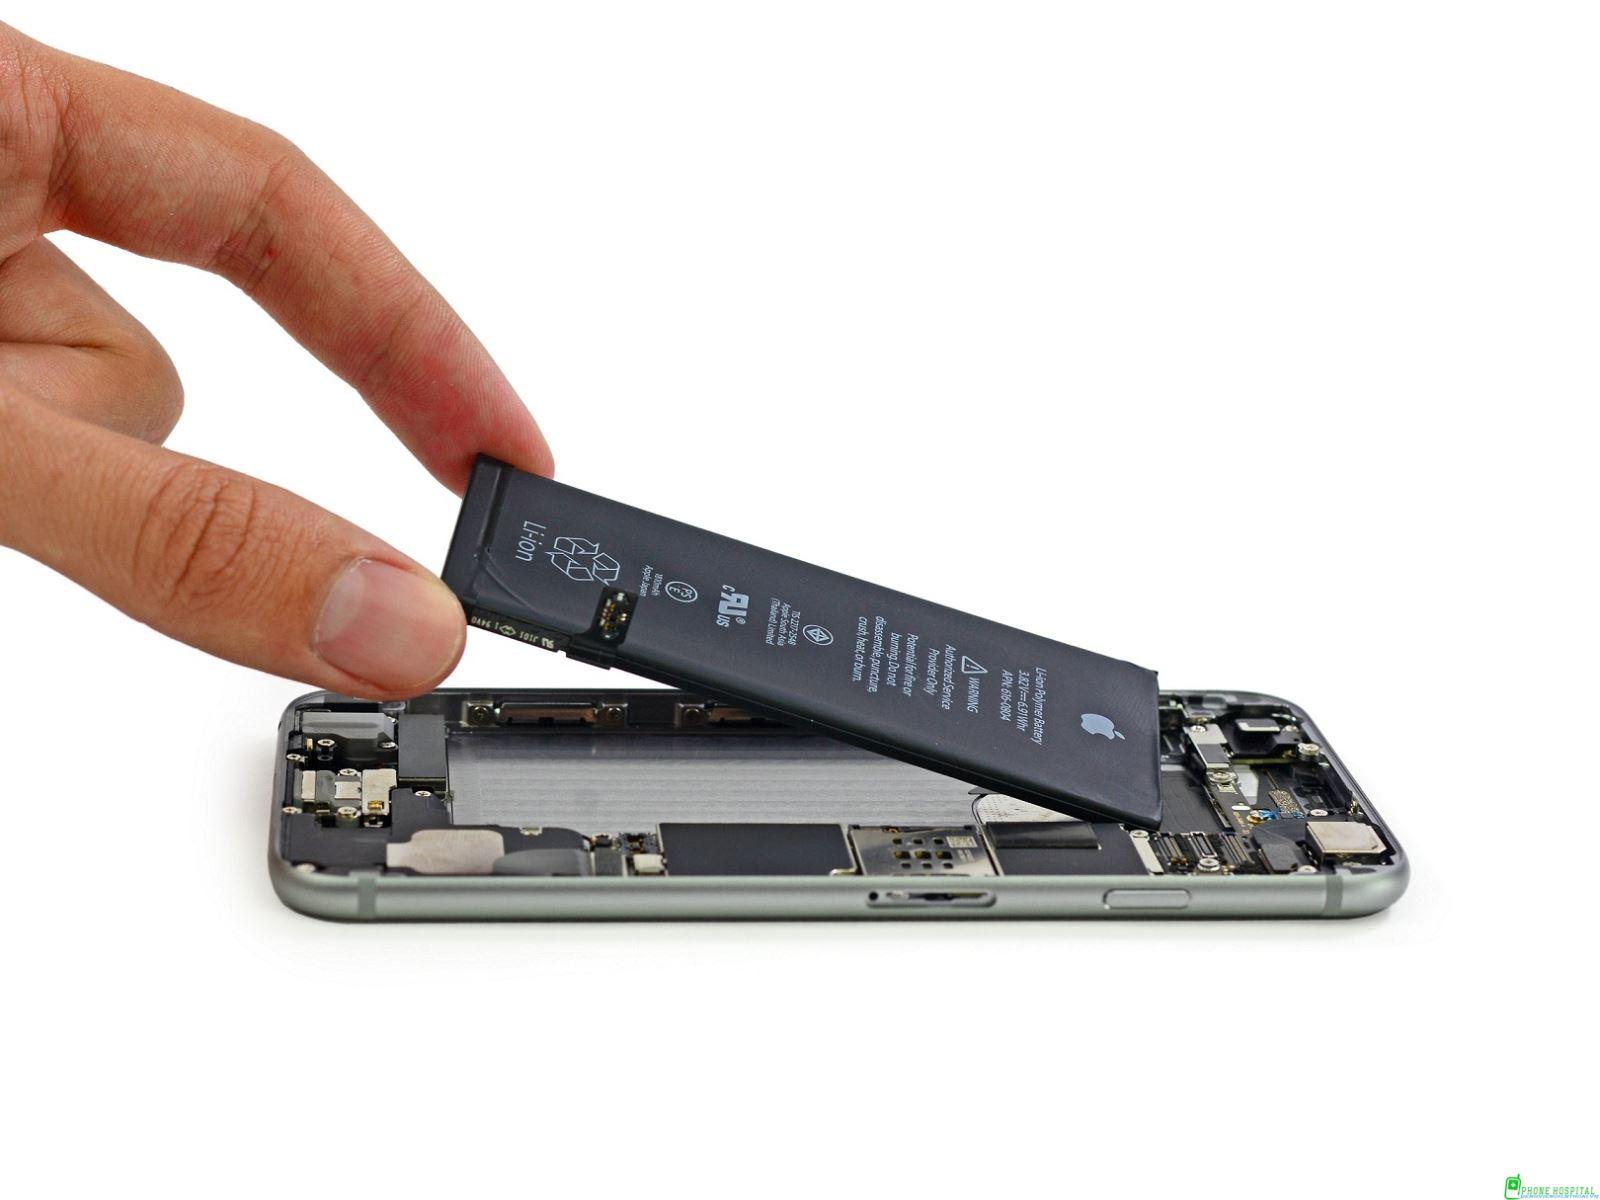 iPhone lock cũ giá rẻ: Nghe như chuyện cổ tích?